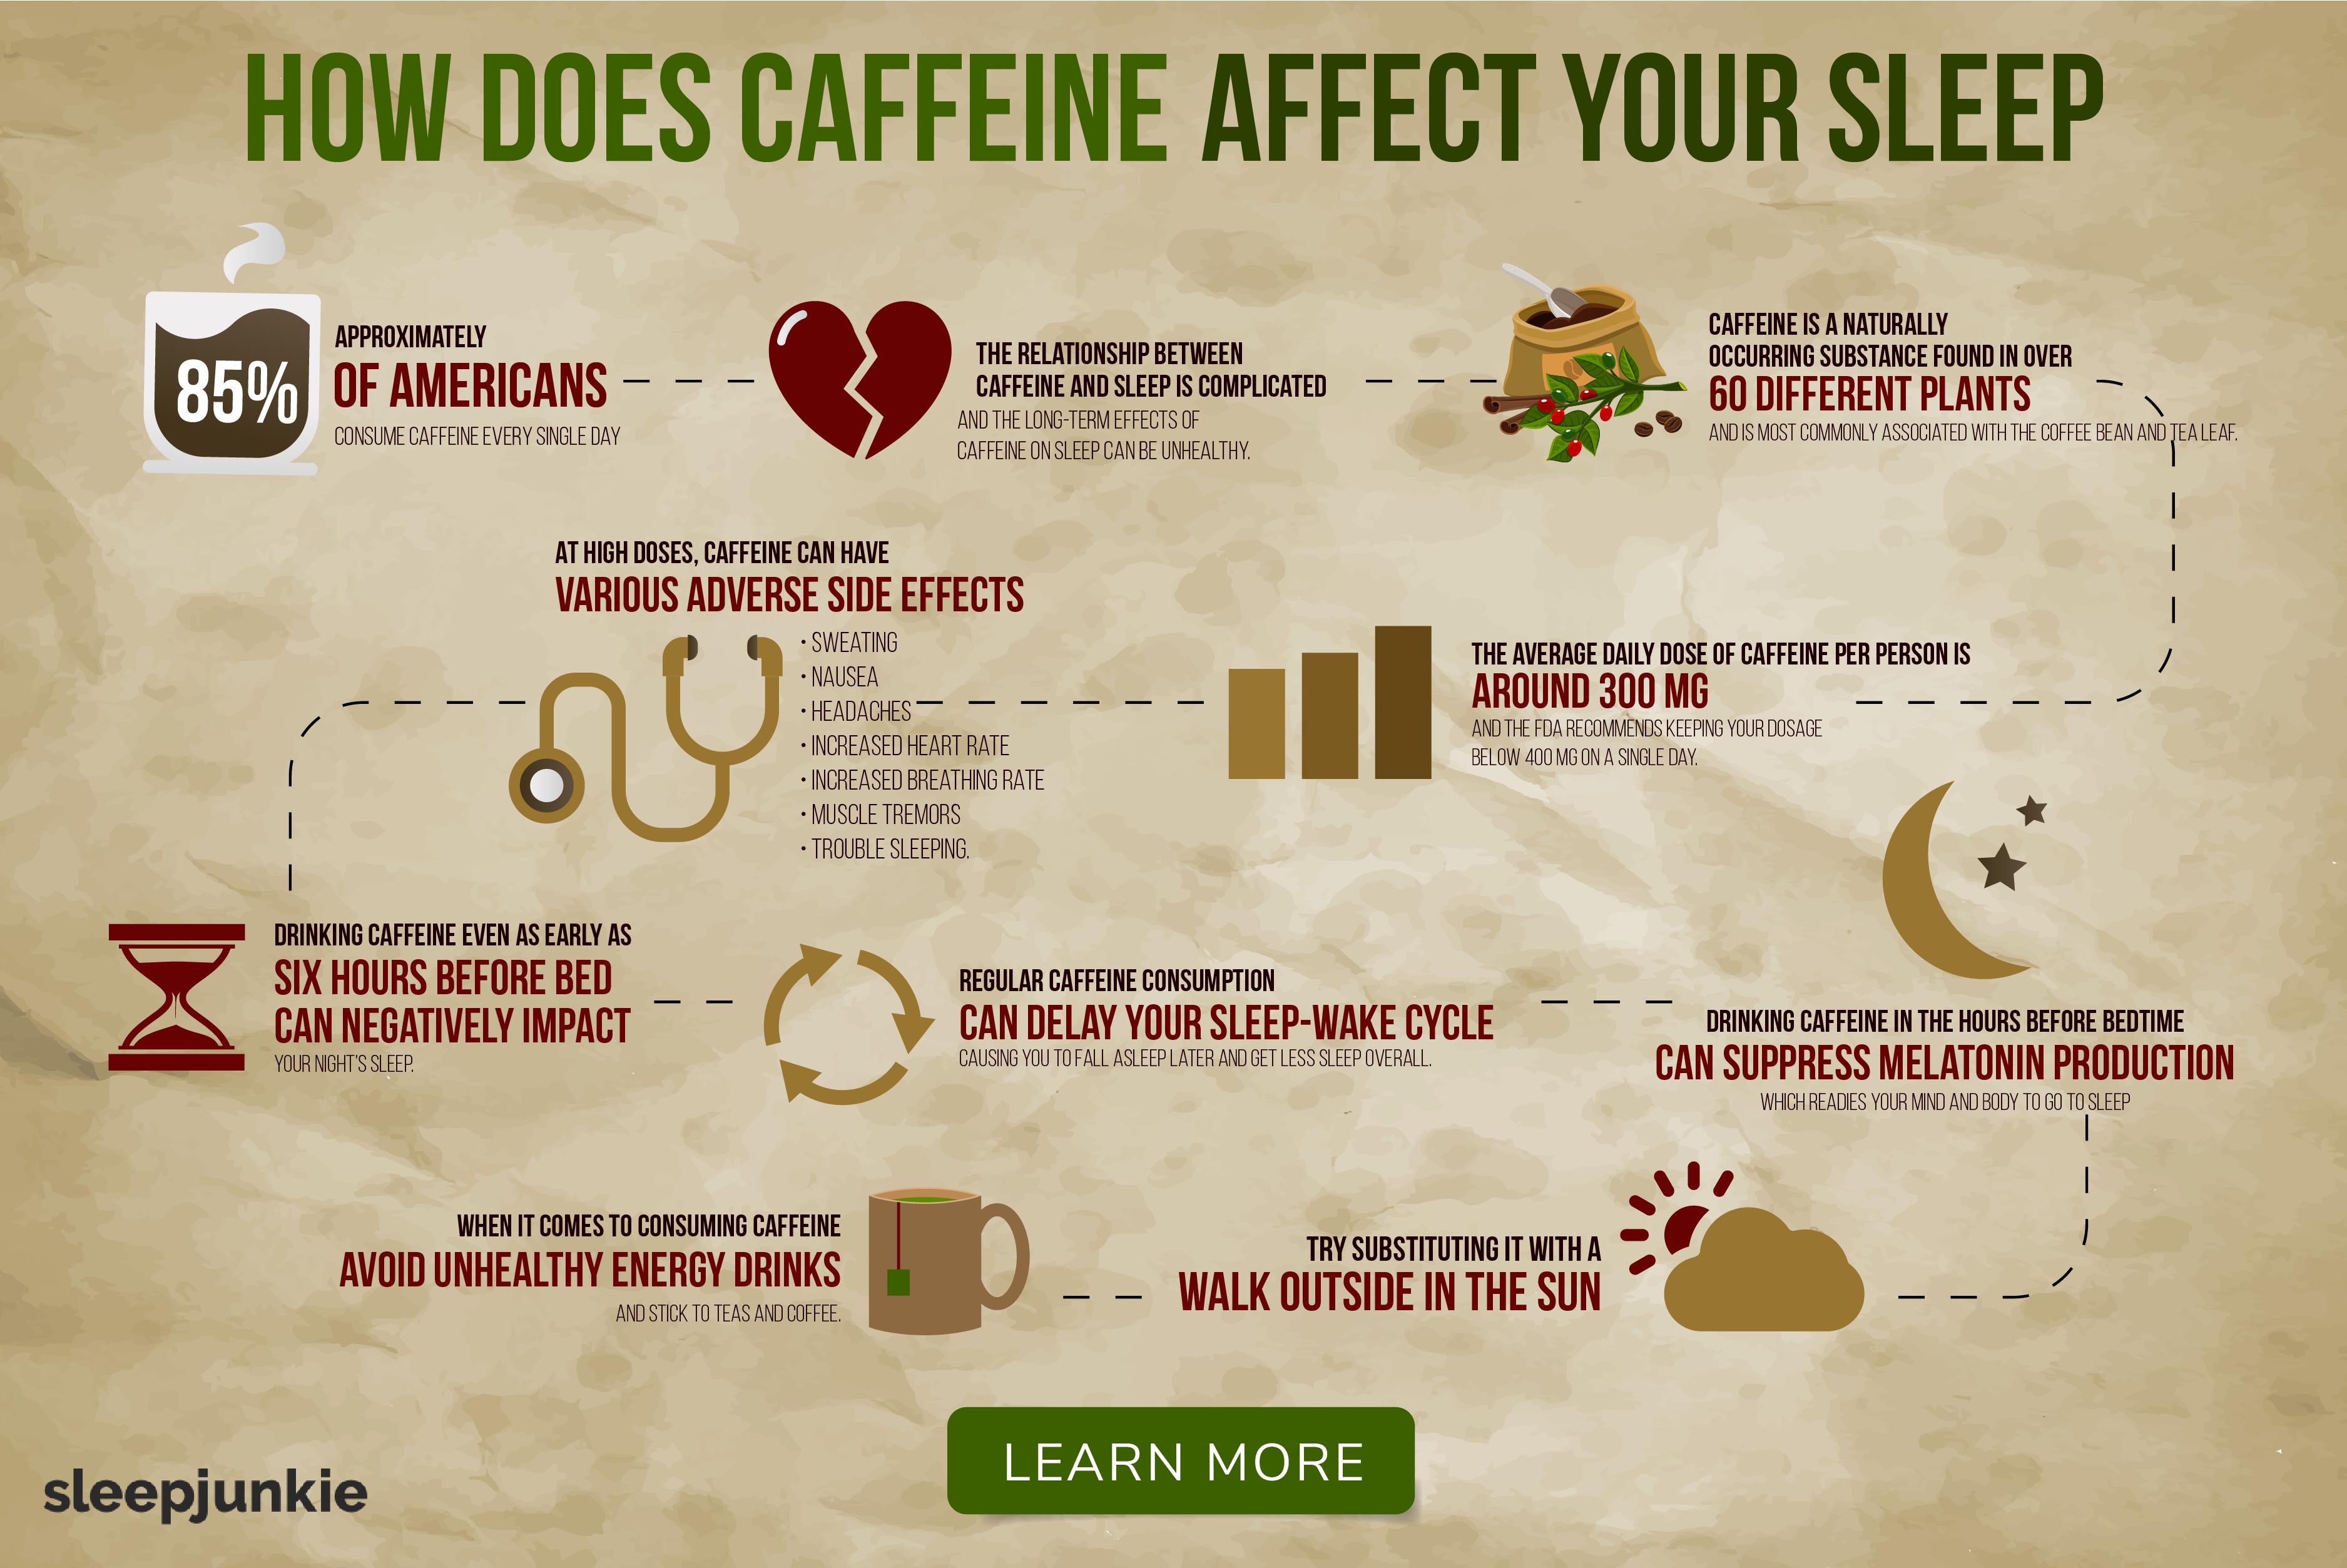 How Does Caffeine Affect Your Sleep Sleep Junkie Caffeine Circadian Rhythm Sleep